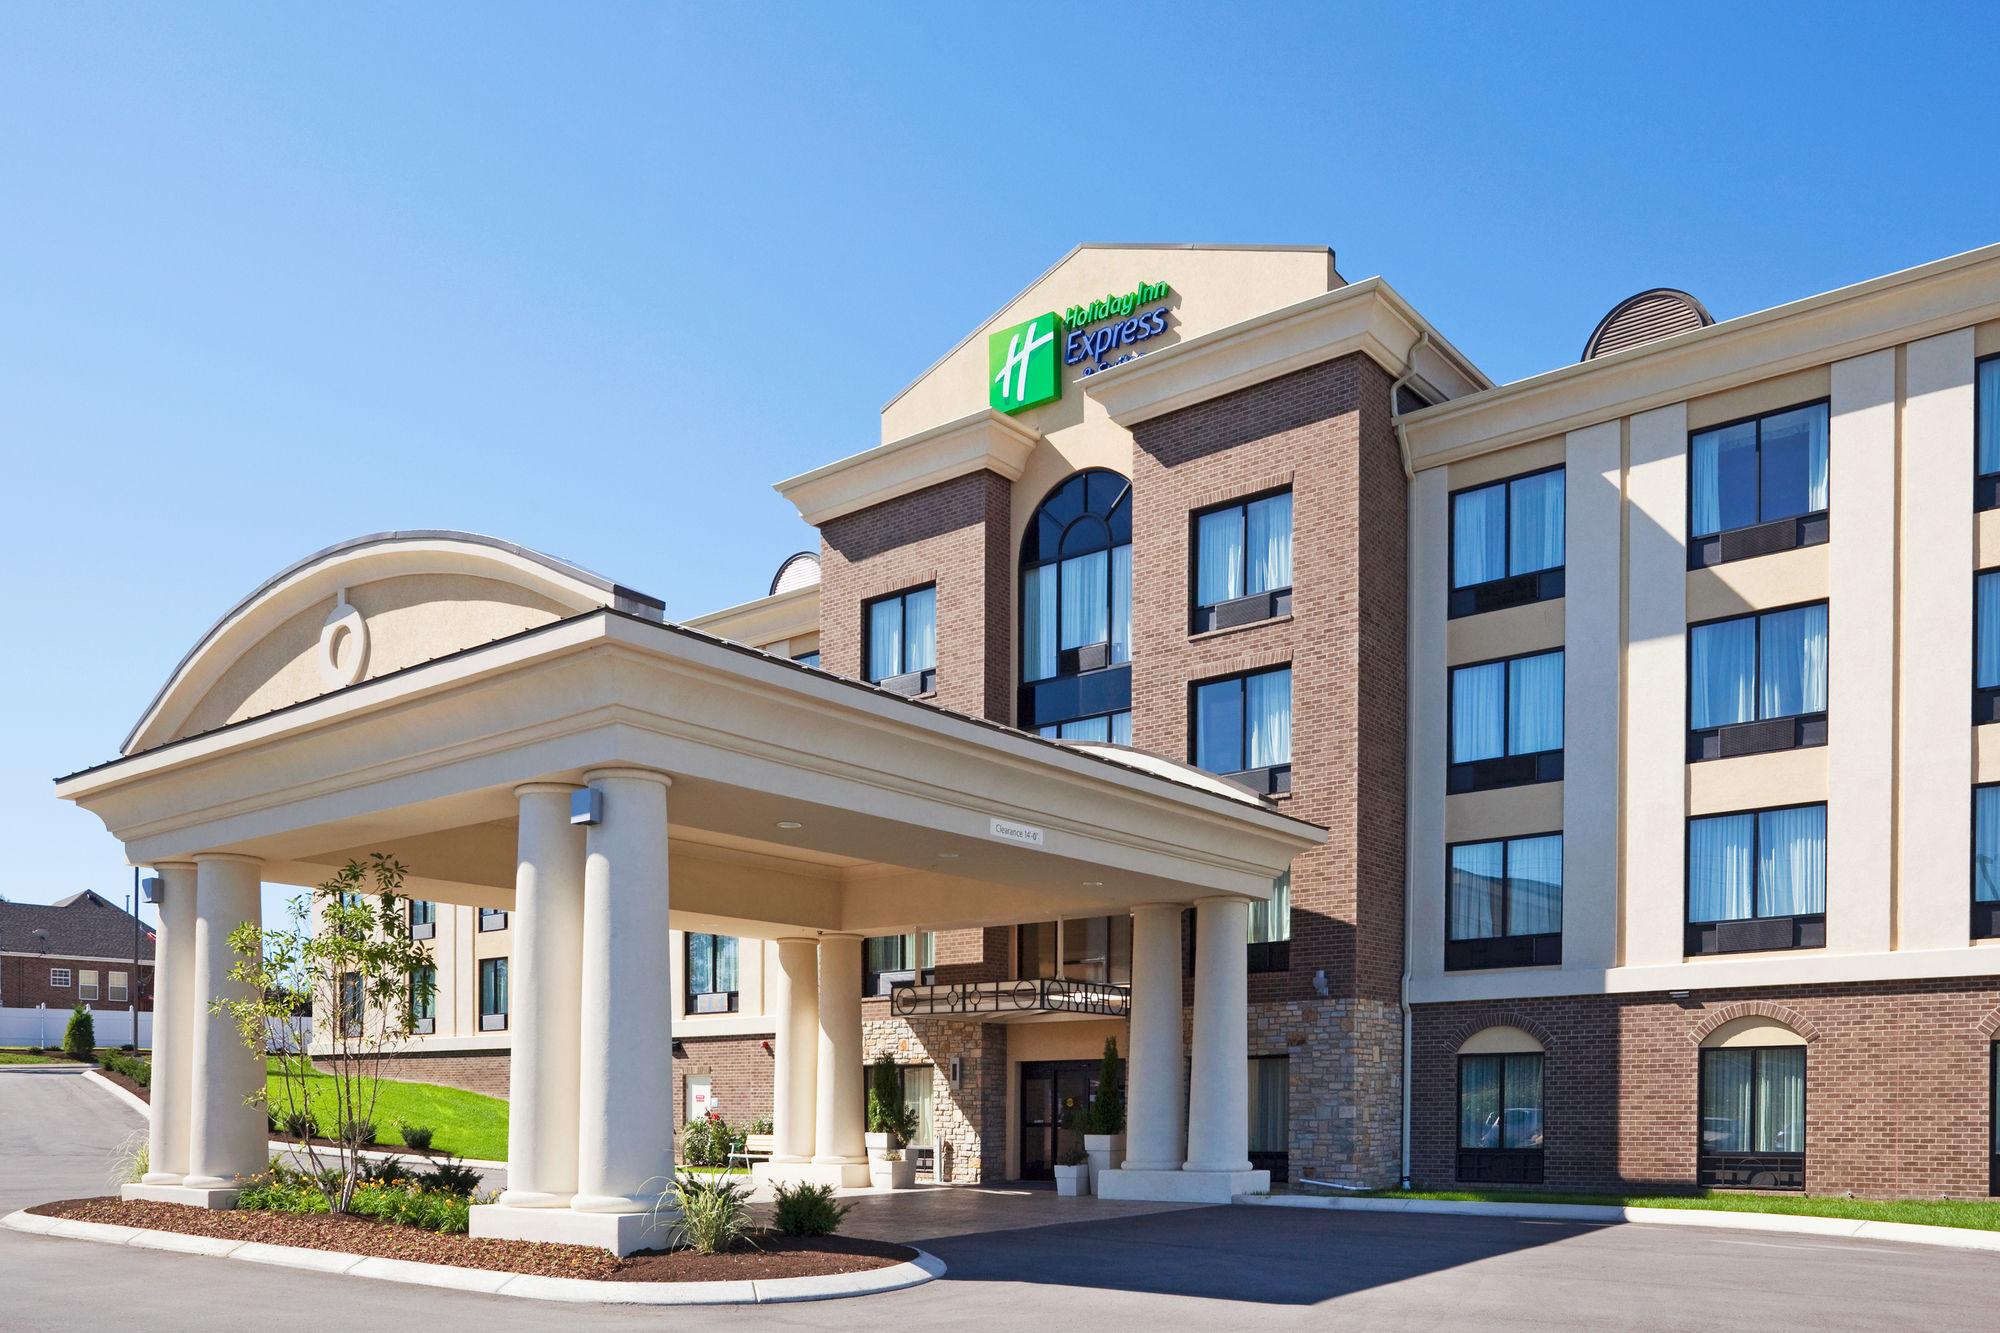 Holiday Inn Express & Suites Smyrna